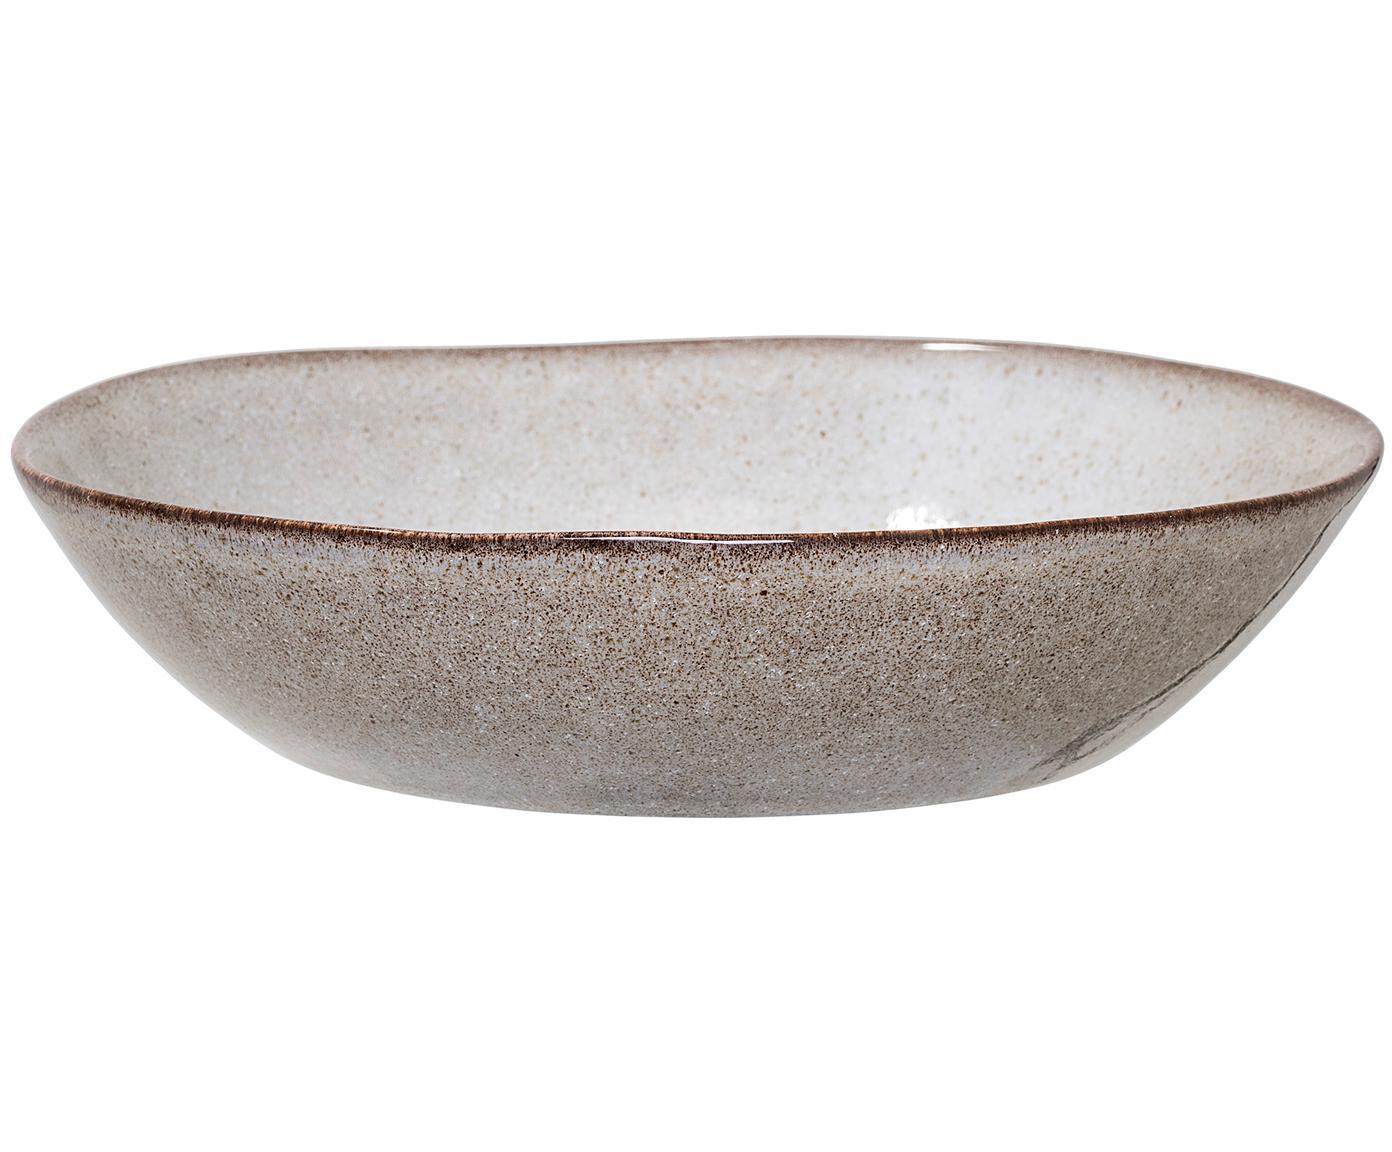 Handgemachter Suppenteller Sandrine, Keramik, Hellgrau, Ø 22 x H 5 cm